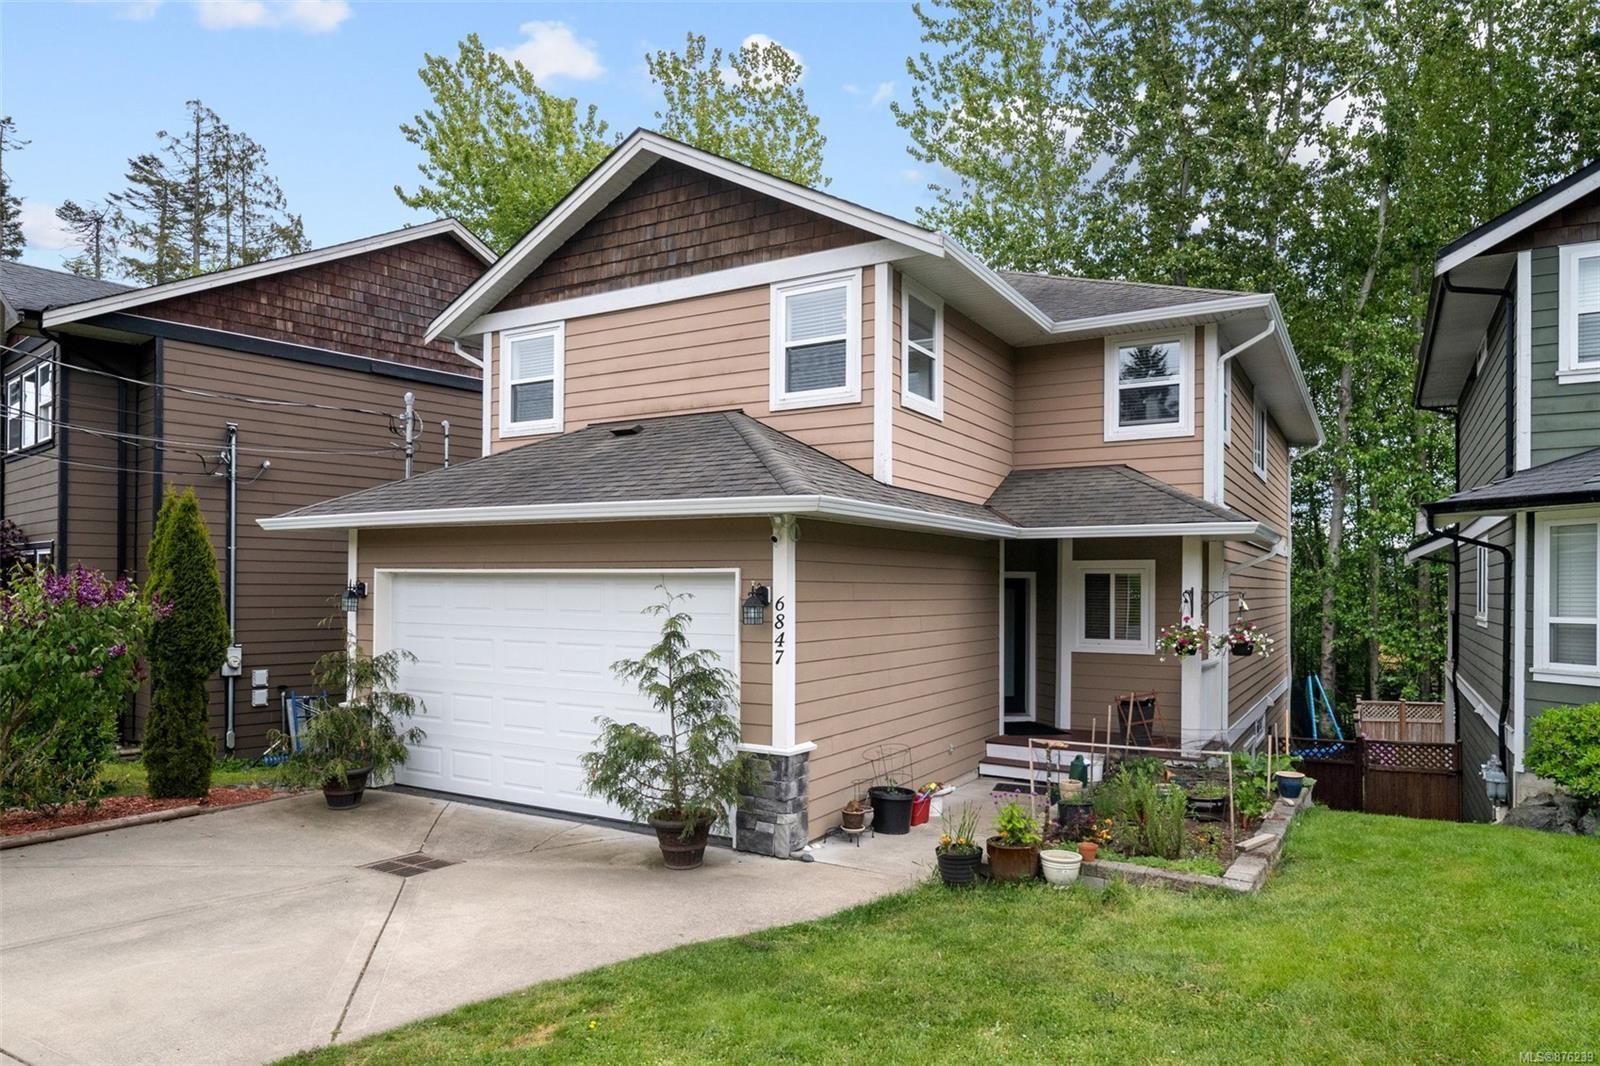 Main Photo: 6847 W Grant Rd in : Sk Sooke Vill Core House for sale (Sooke)  : MLS®# 876239